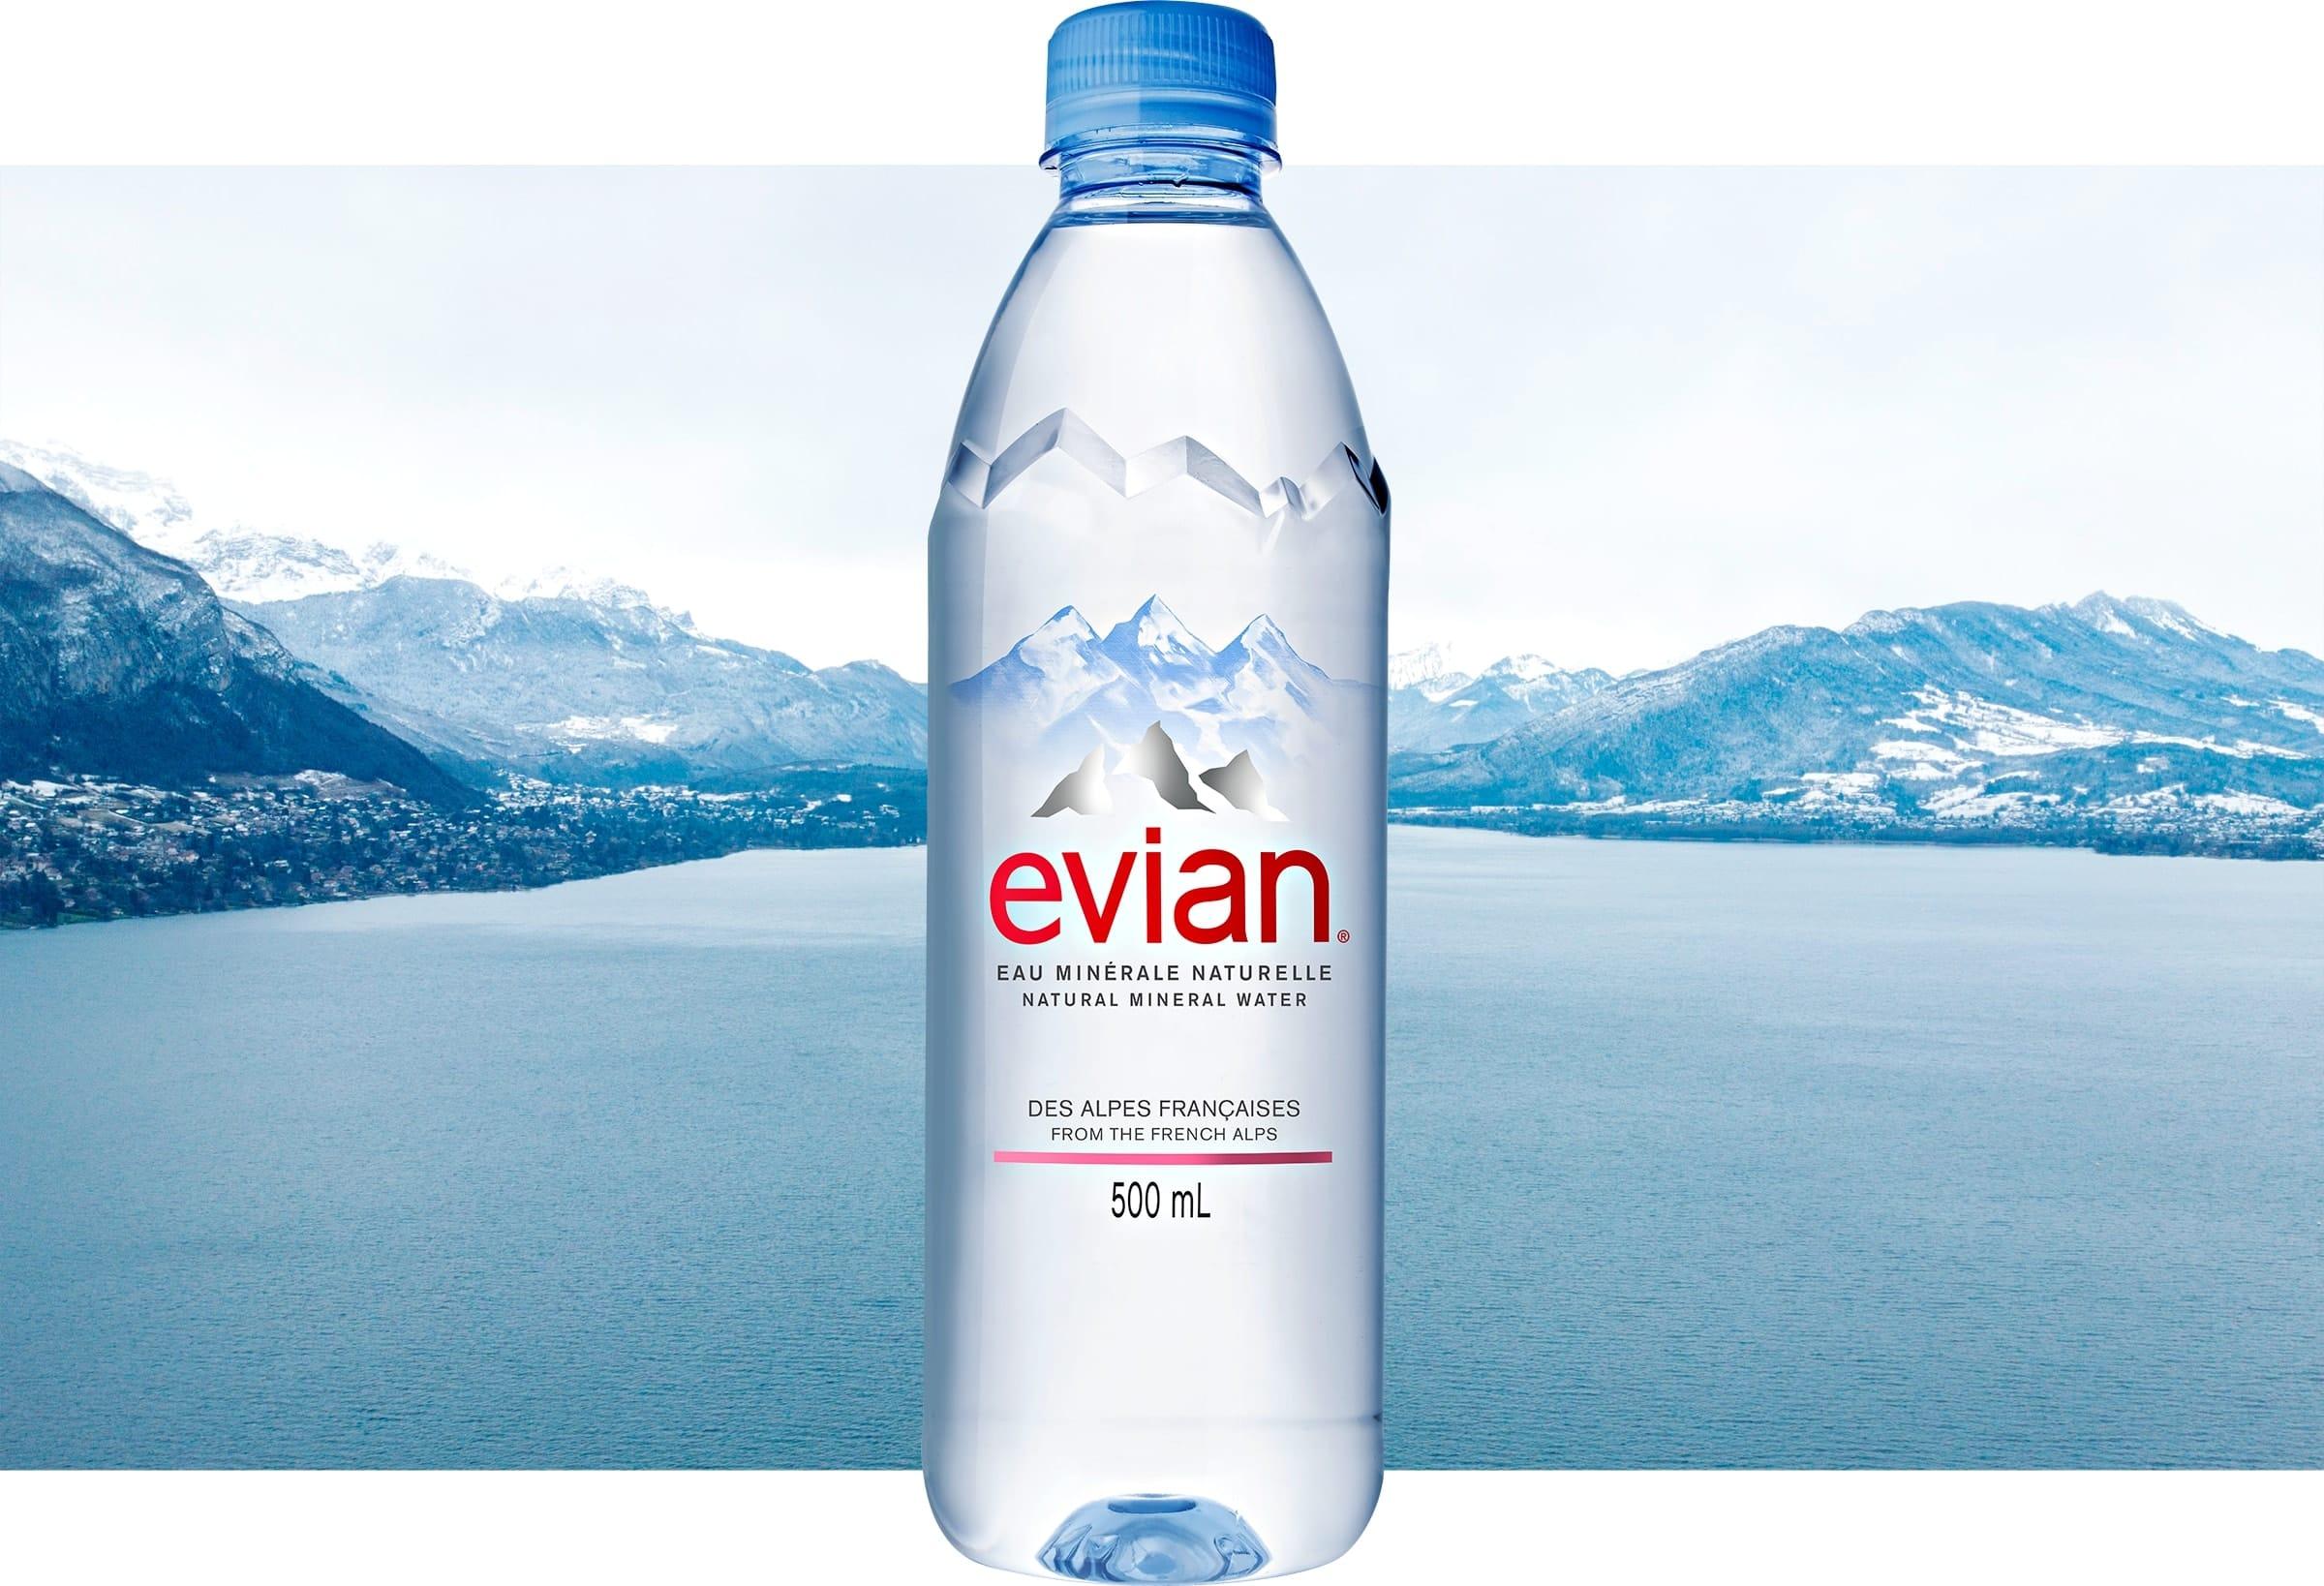 Hasil carian imej untuk evian water actor